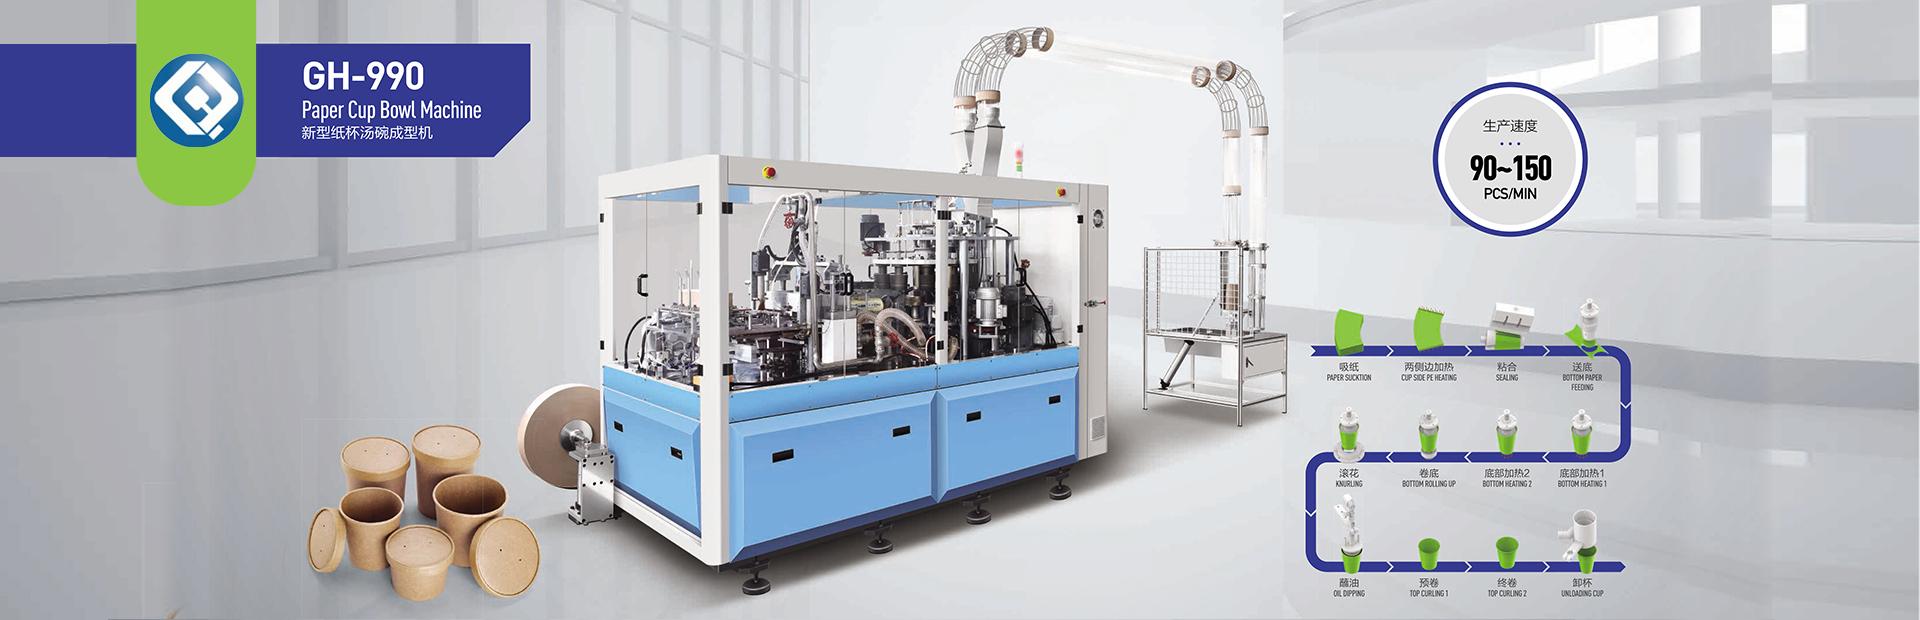 Paper Cup Machine 990